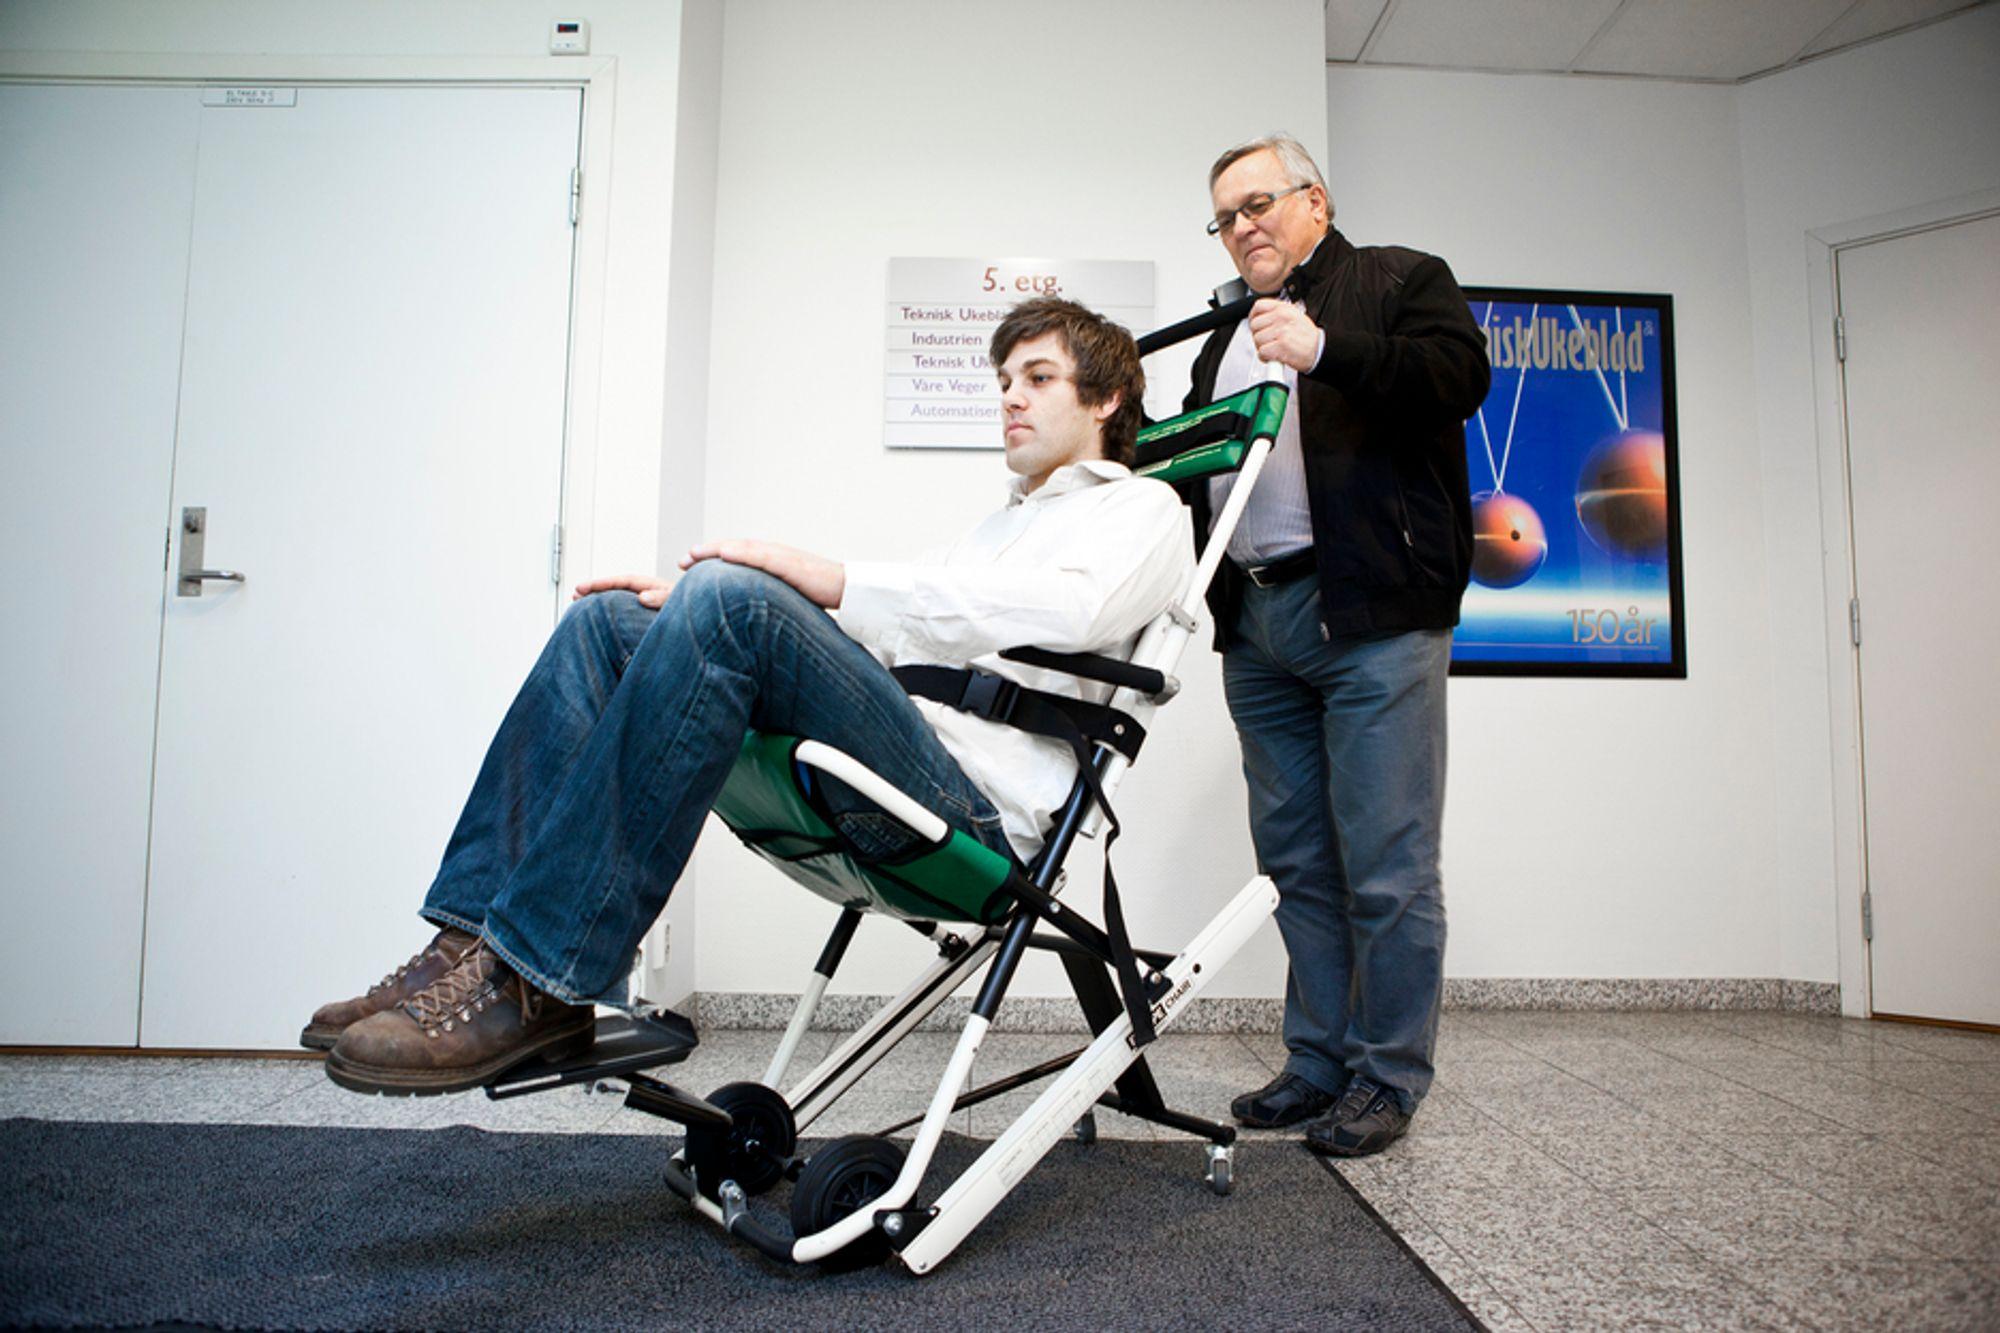 BÅDE OG: Med hjul på flatt gulv og rullende på remmer ned trapper blir evakueringsjobben av syke eller skadde enklere med denne stolen.